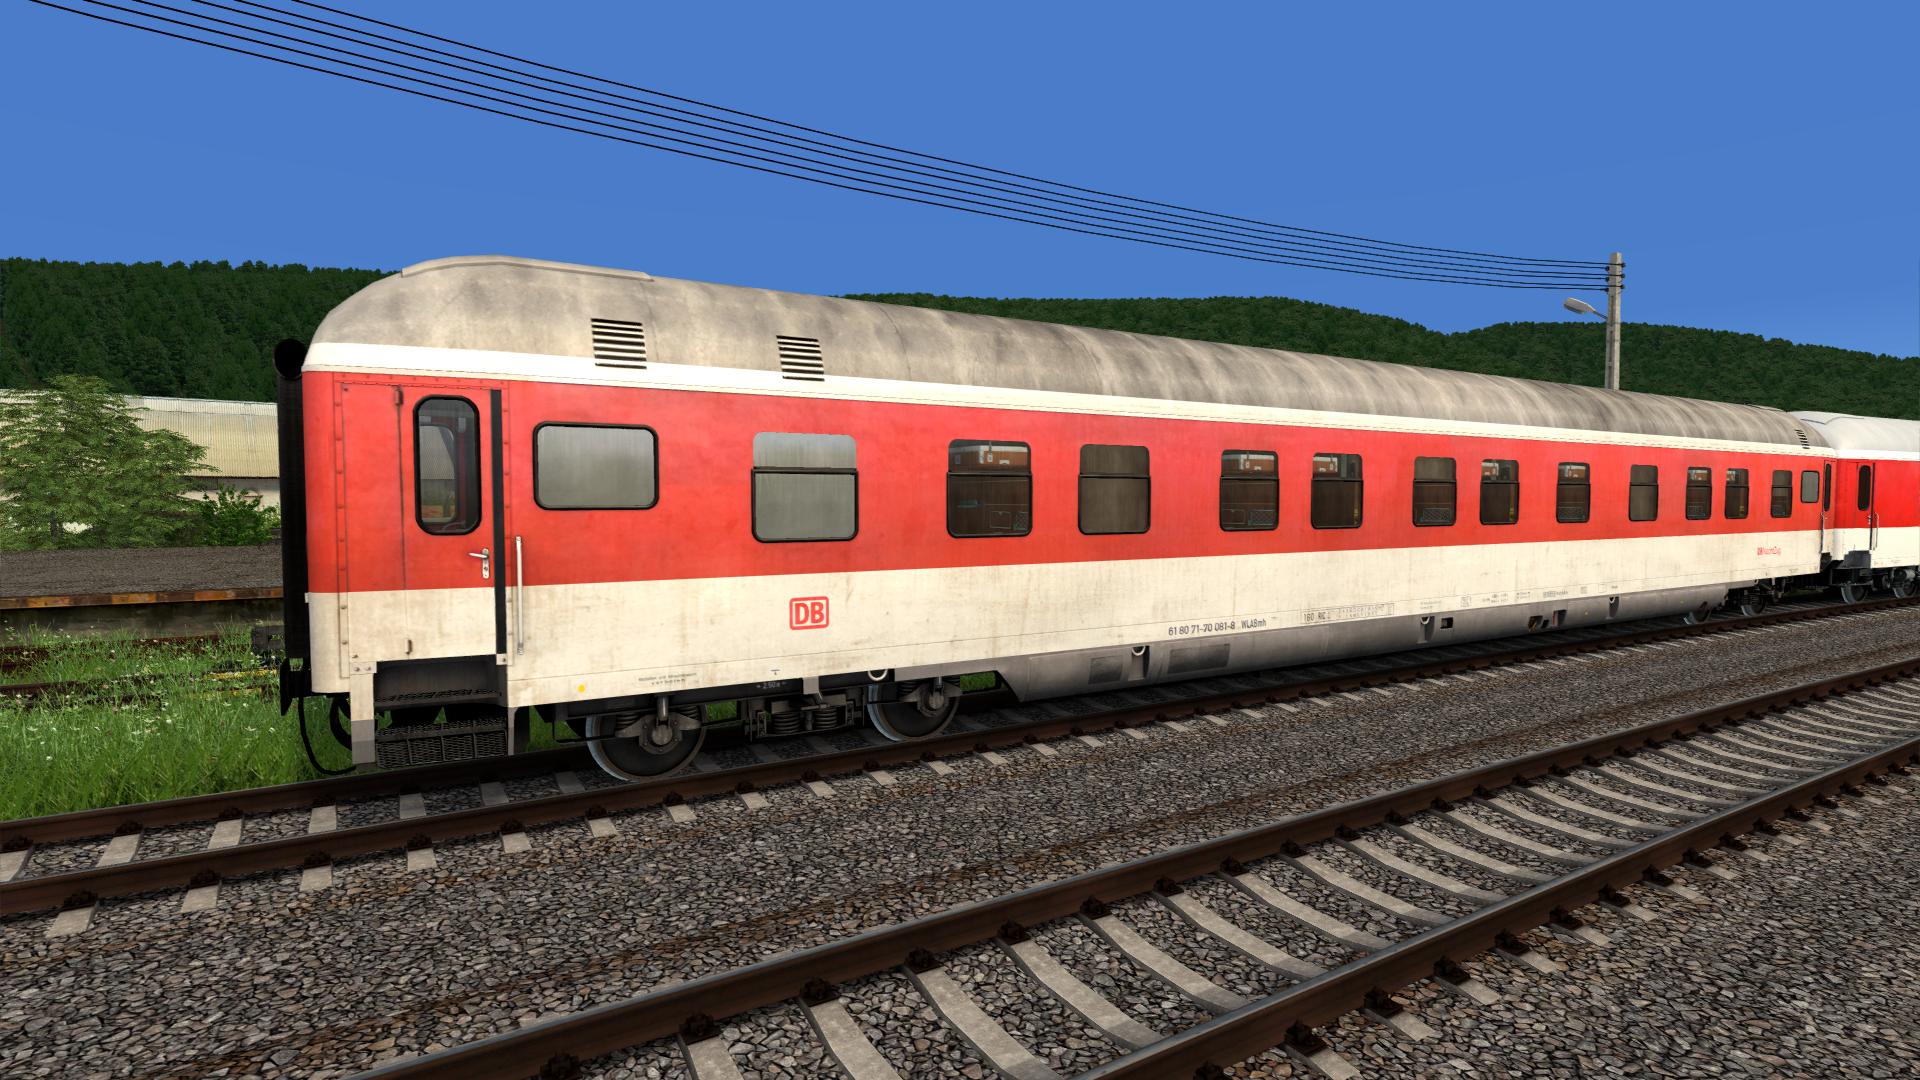 RailWorks64 2021-03-21 15-30-19